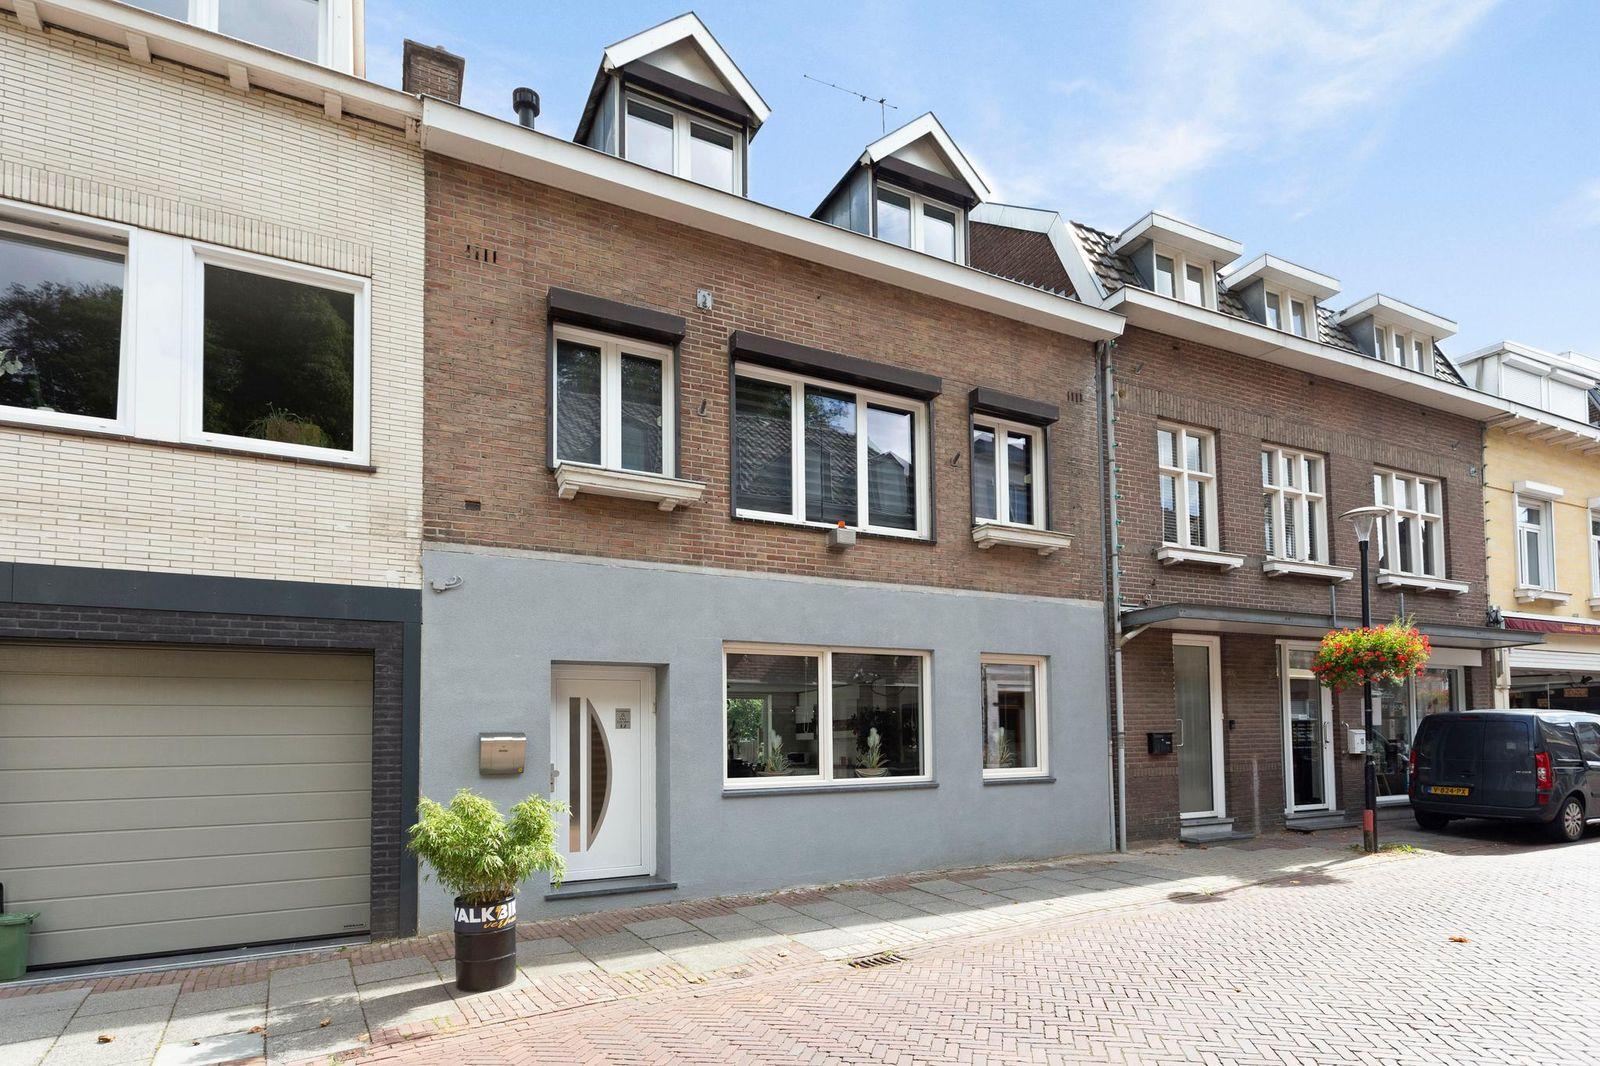 Plenkertstraat 12, Valkenburg